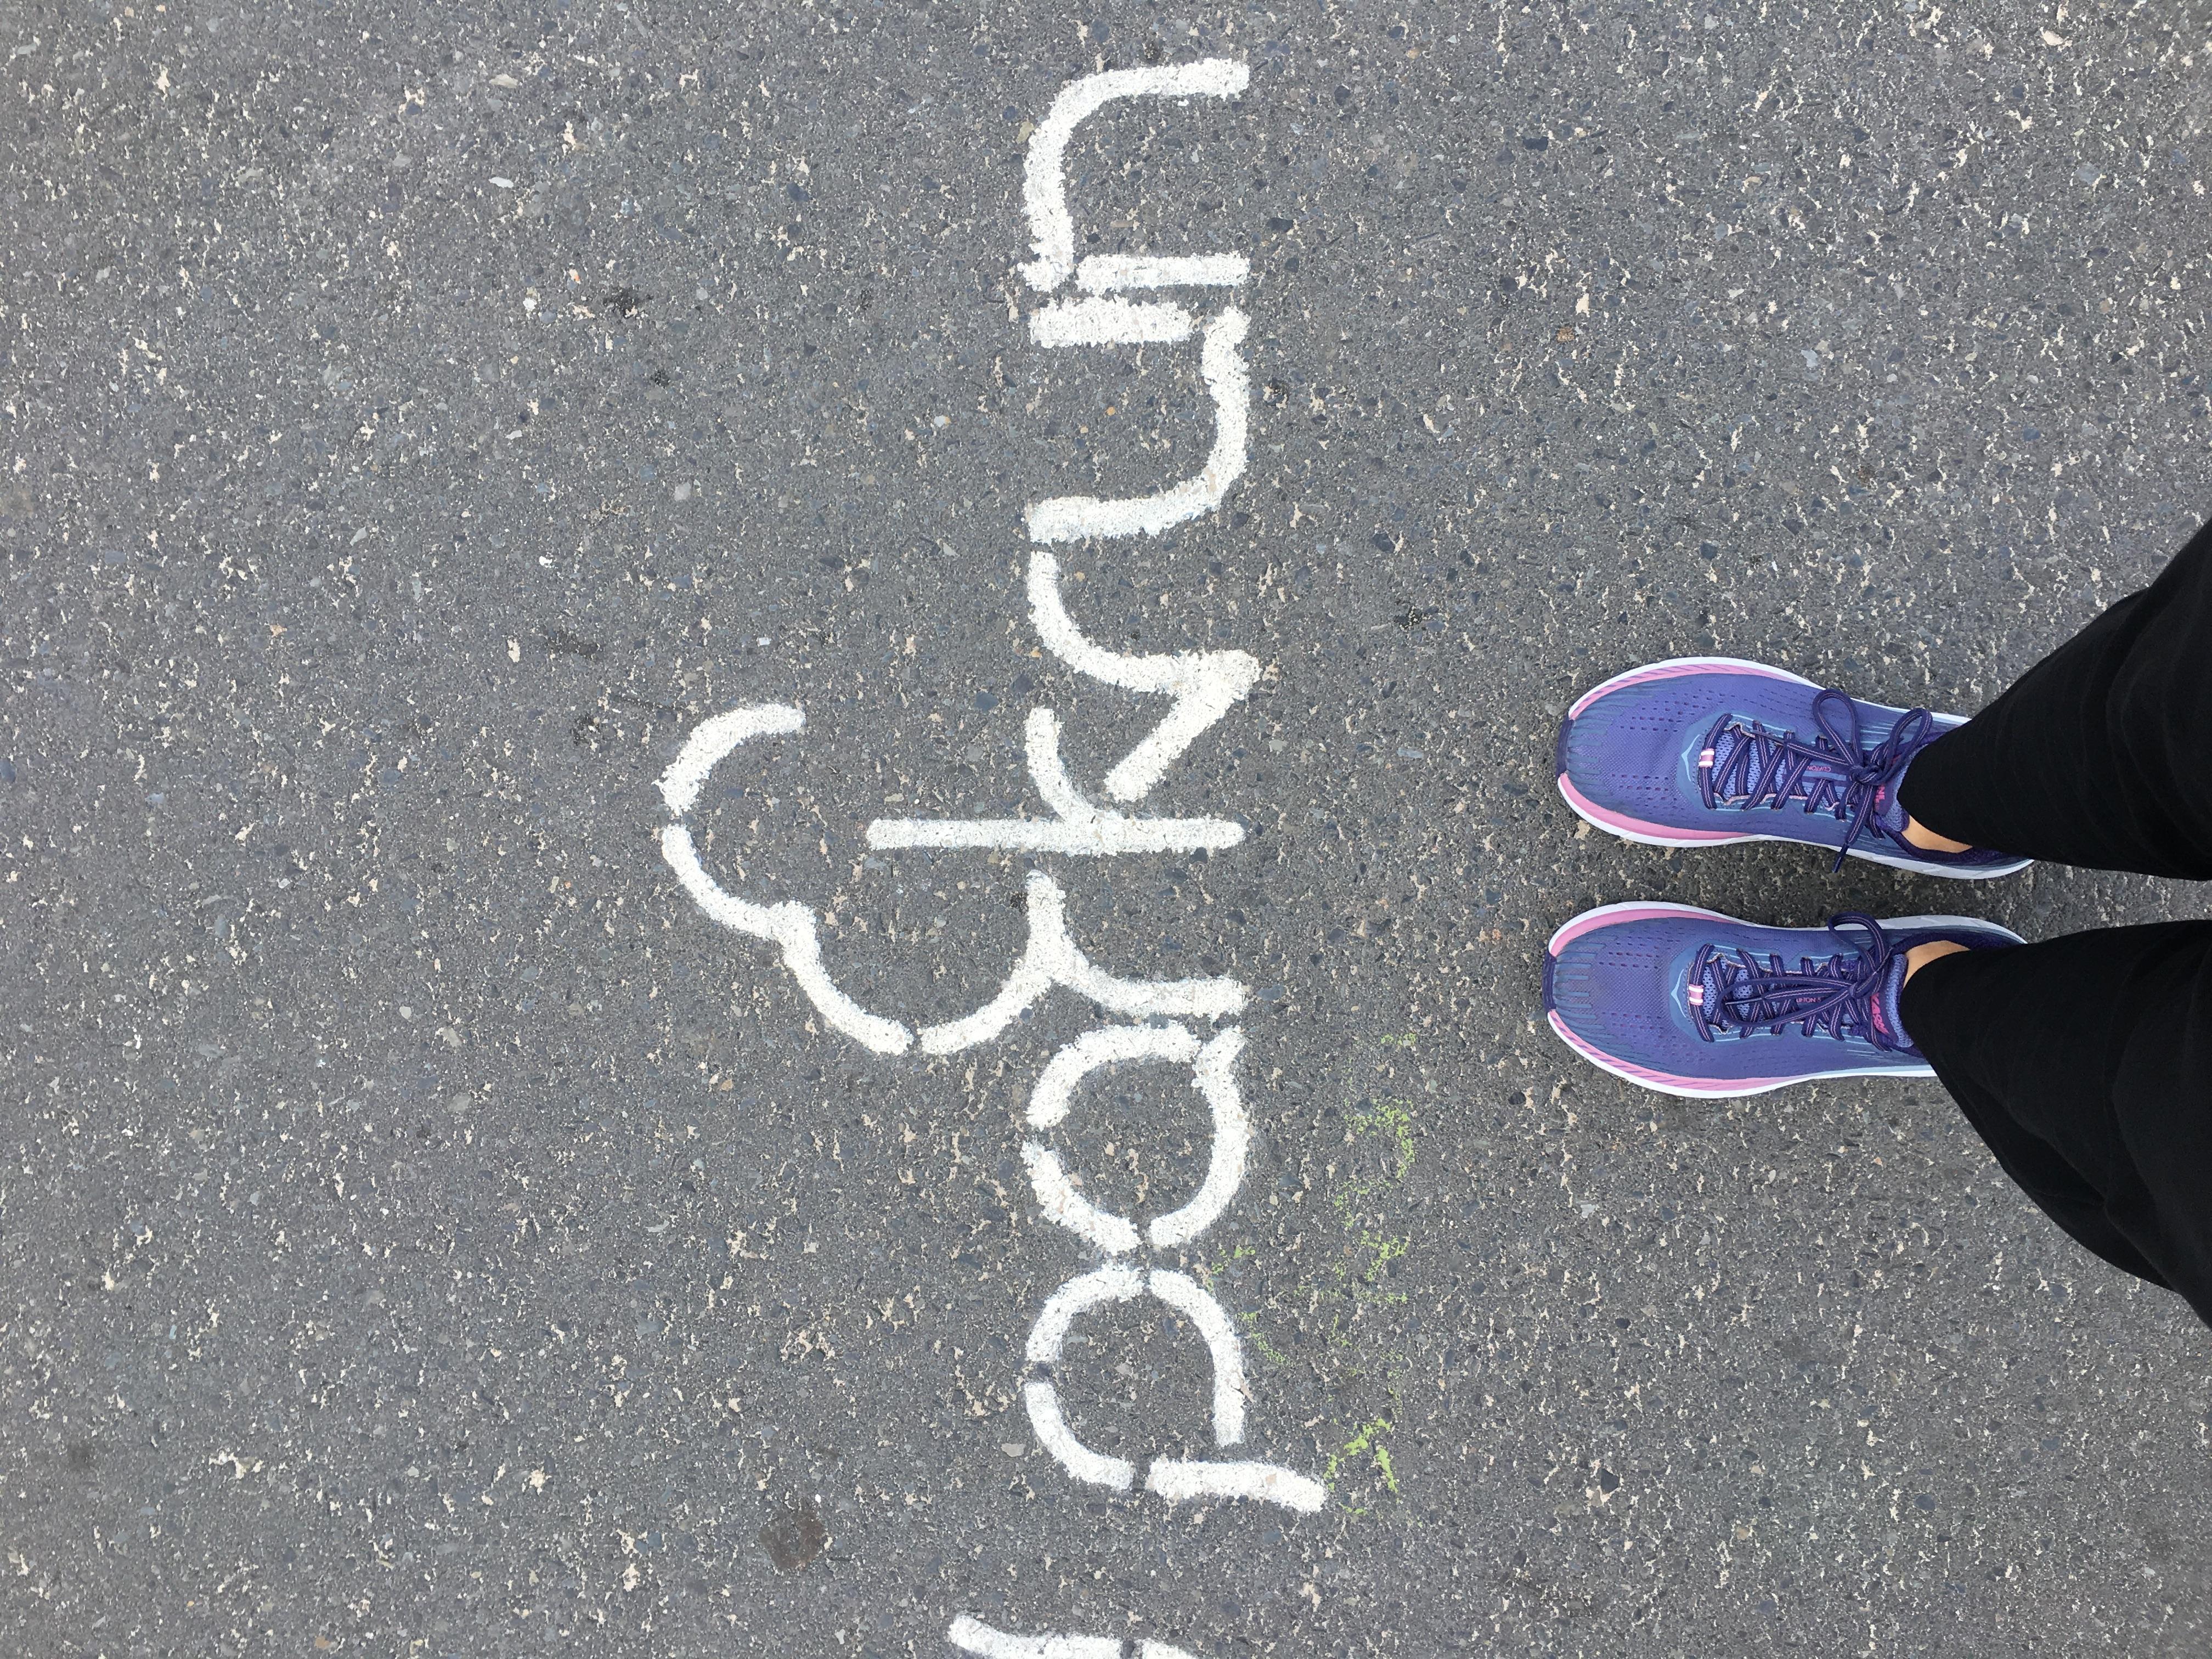 1b2ea245 ... siedem kilometrów, ale dodałam do nich dziesięć podbiegów. Biegało się  je wyjątkowo dobrze. Nie wiem, jednak, czy to zasługa butów, czy dobrego  dnia.